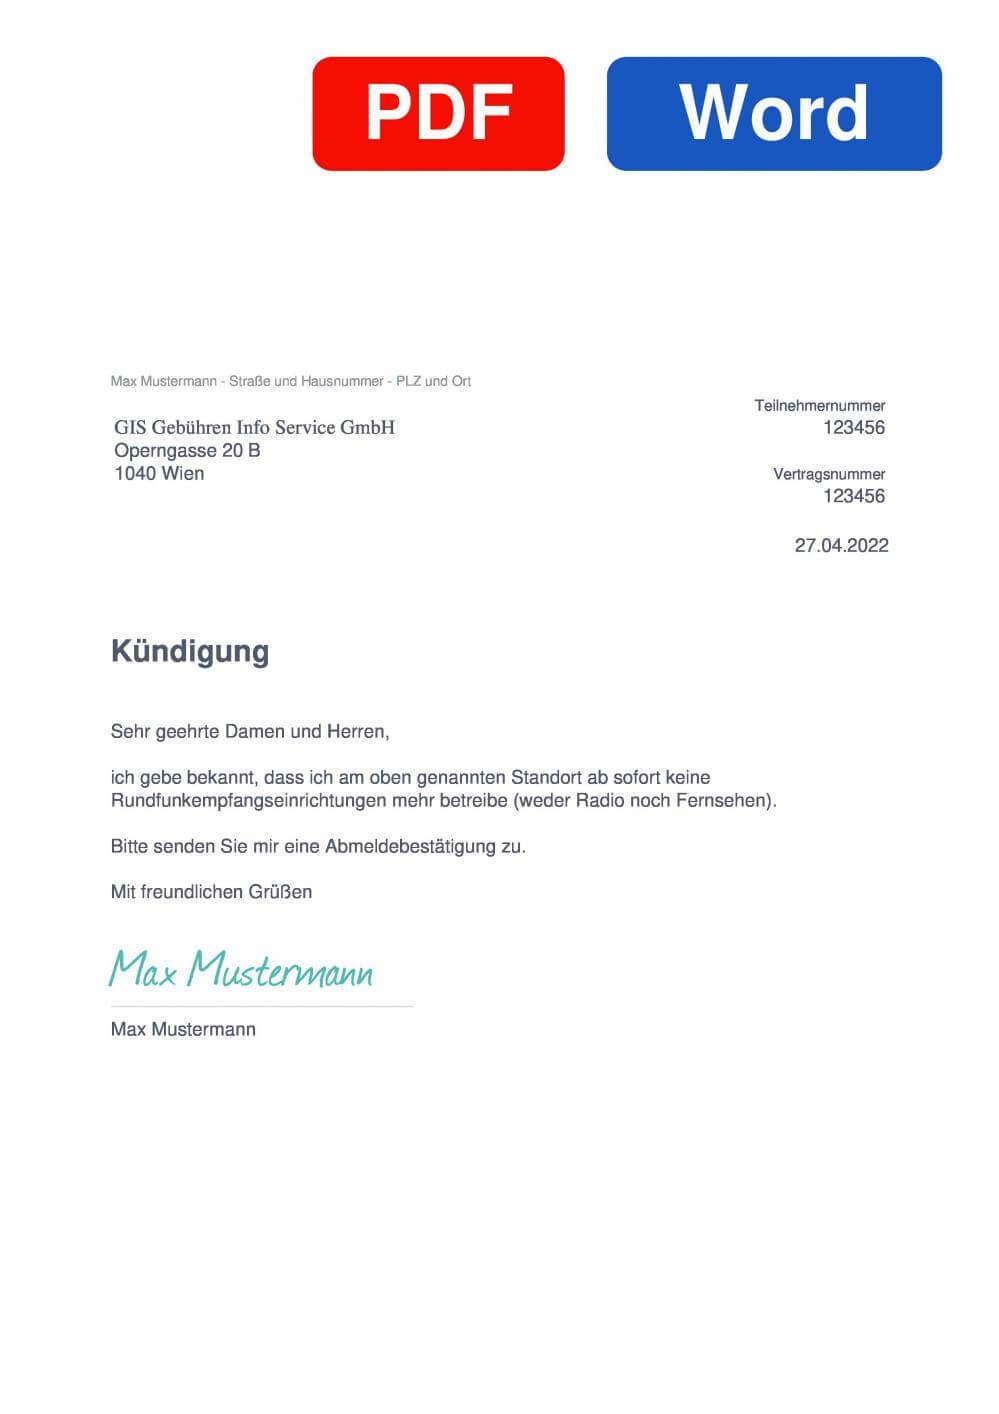 GIS (ORF) Muster Vorlage für Kündigungsschreiben